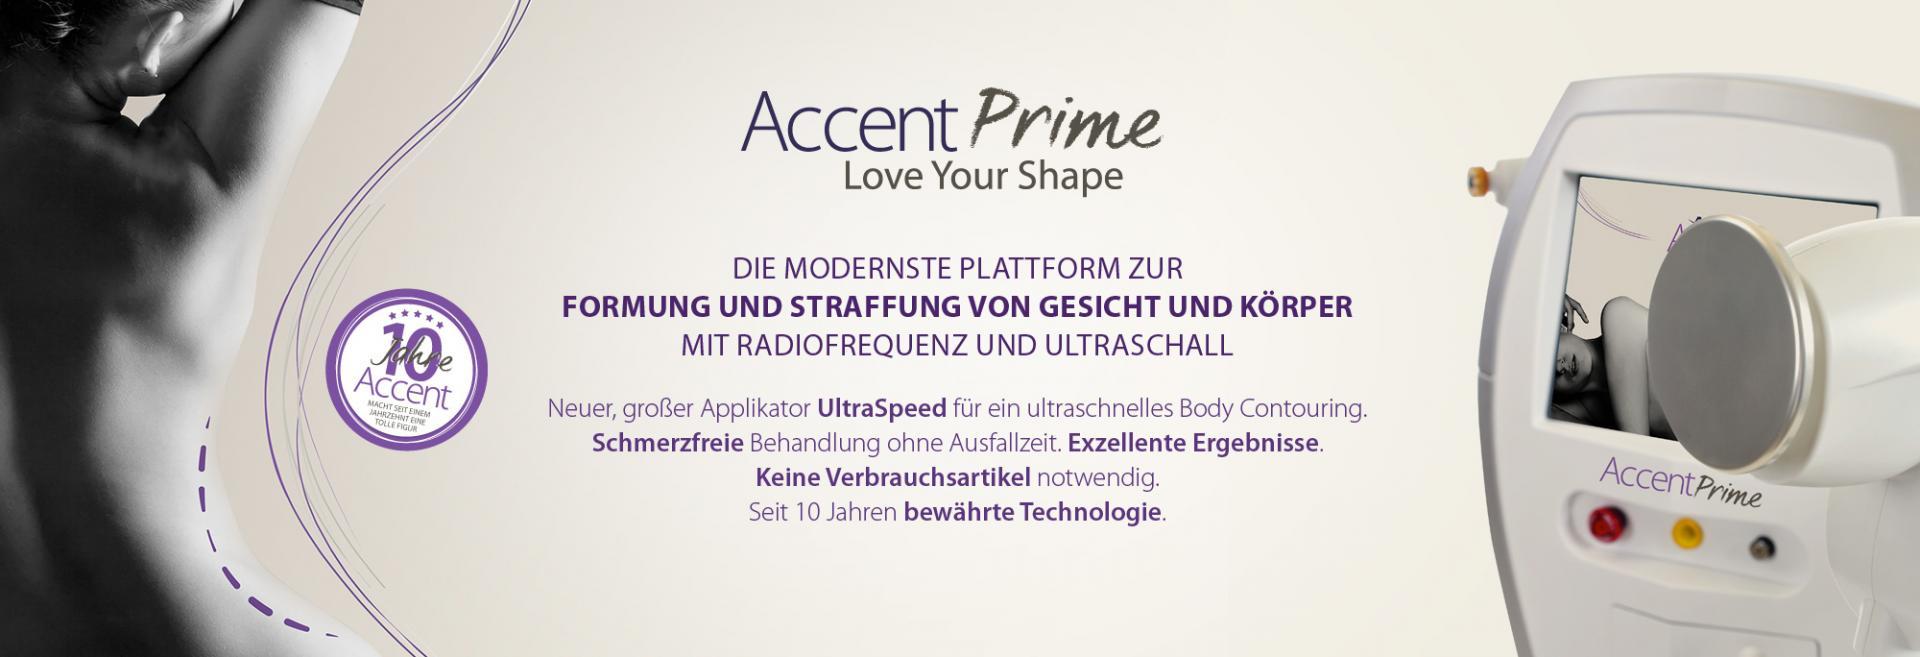 banner-accent-prime2_deutsch2